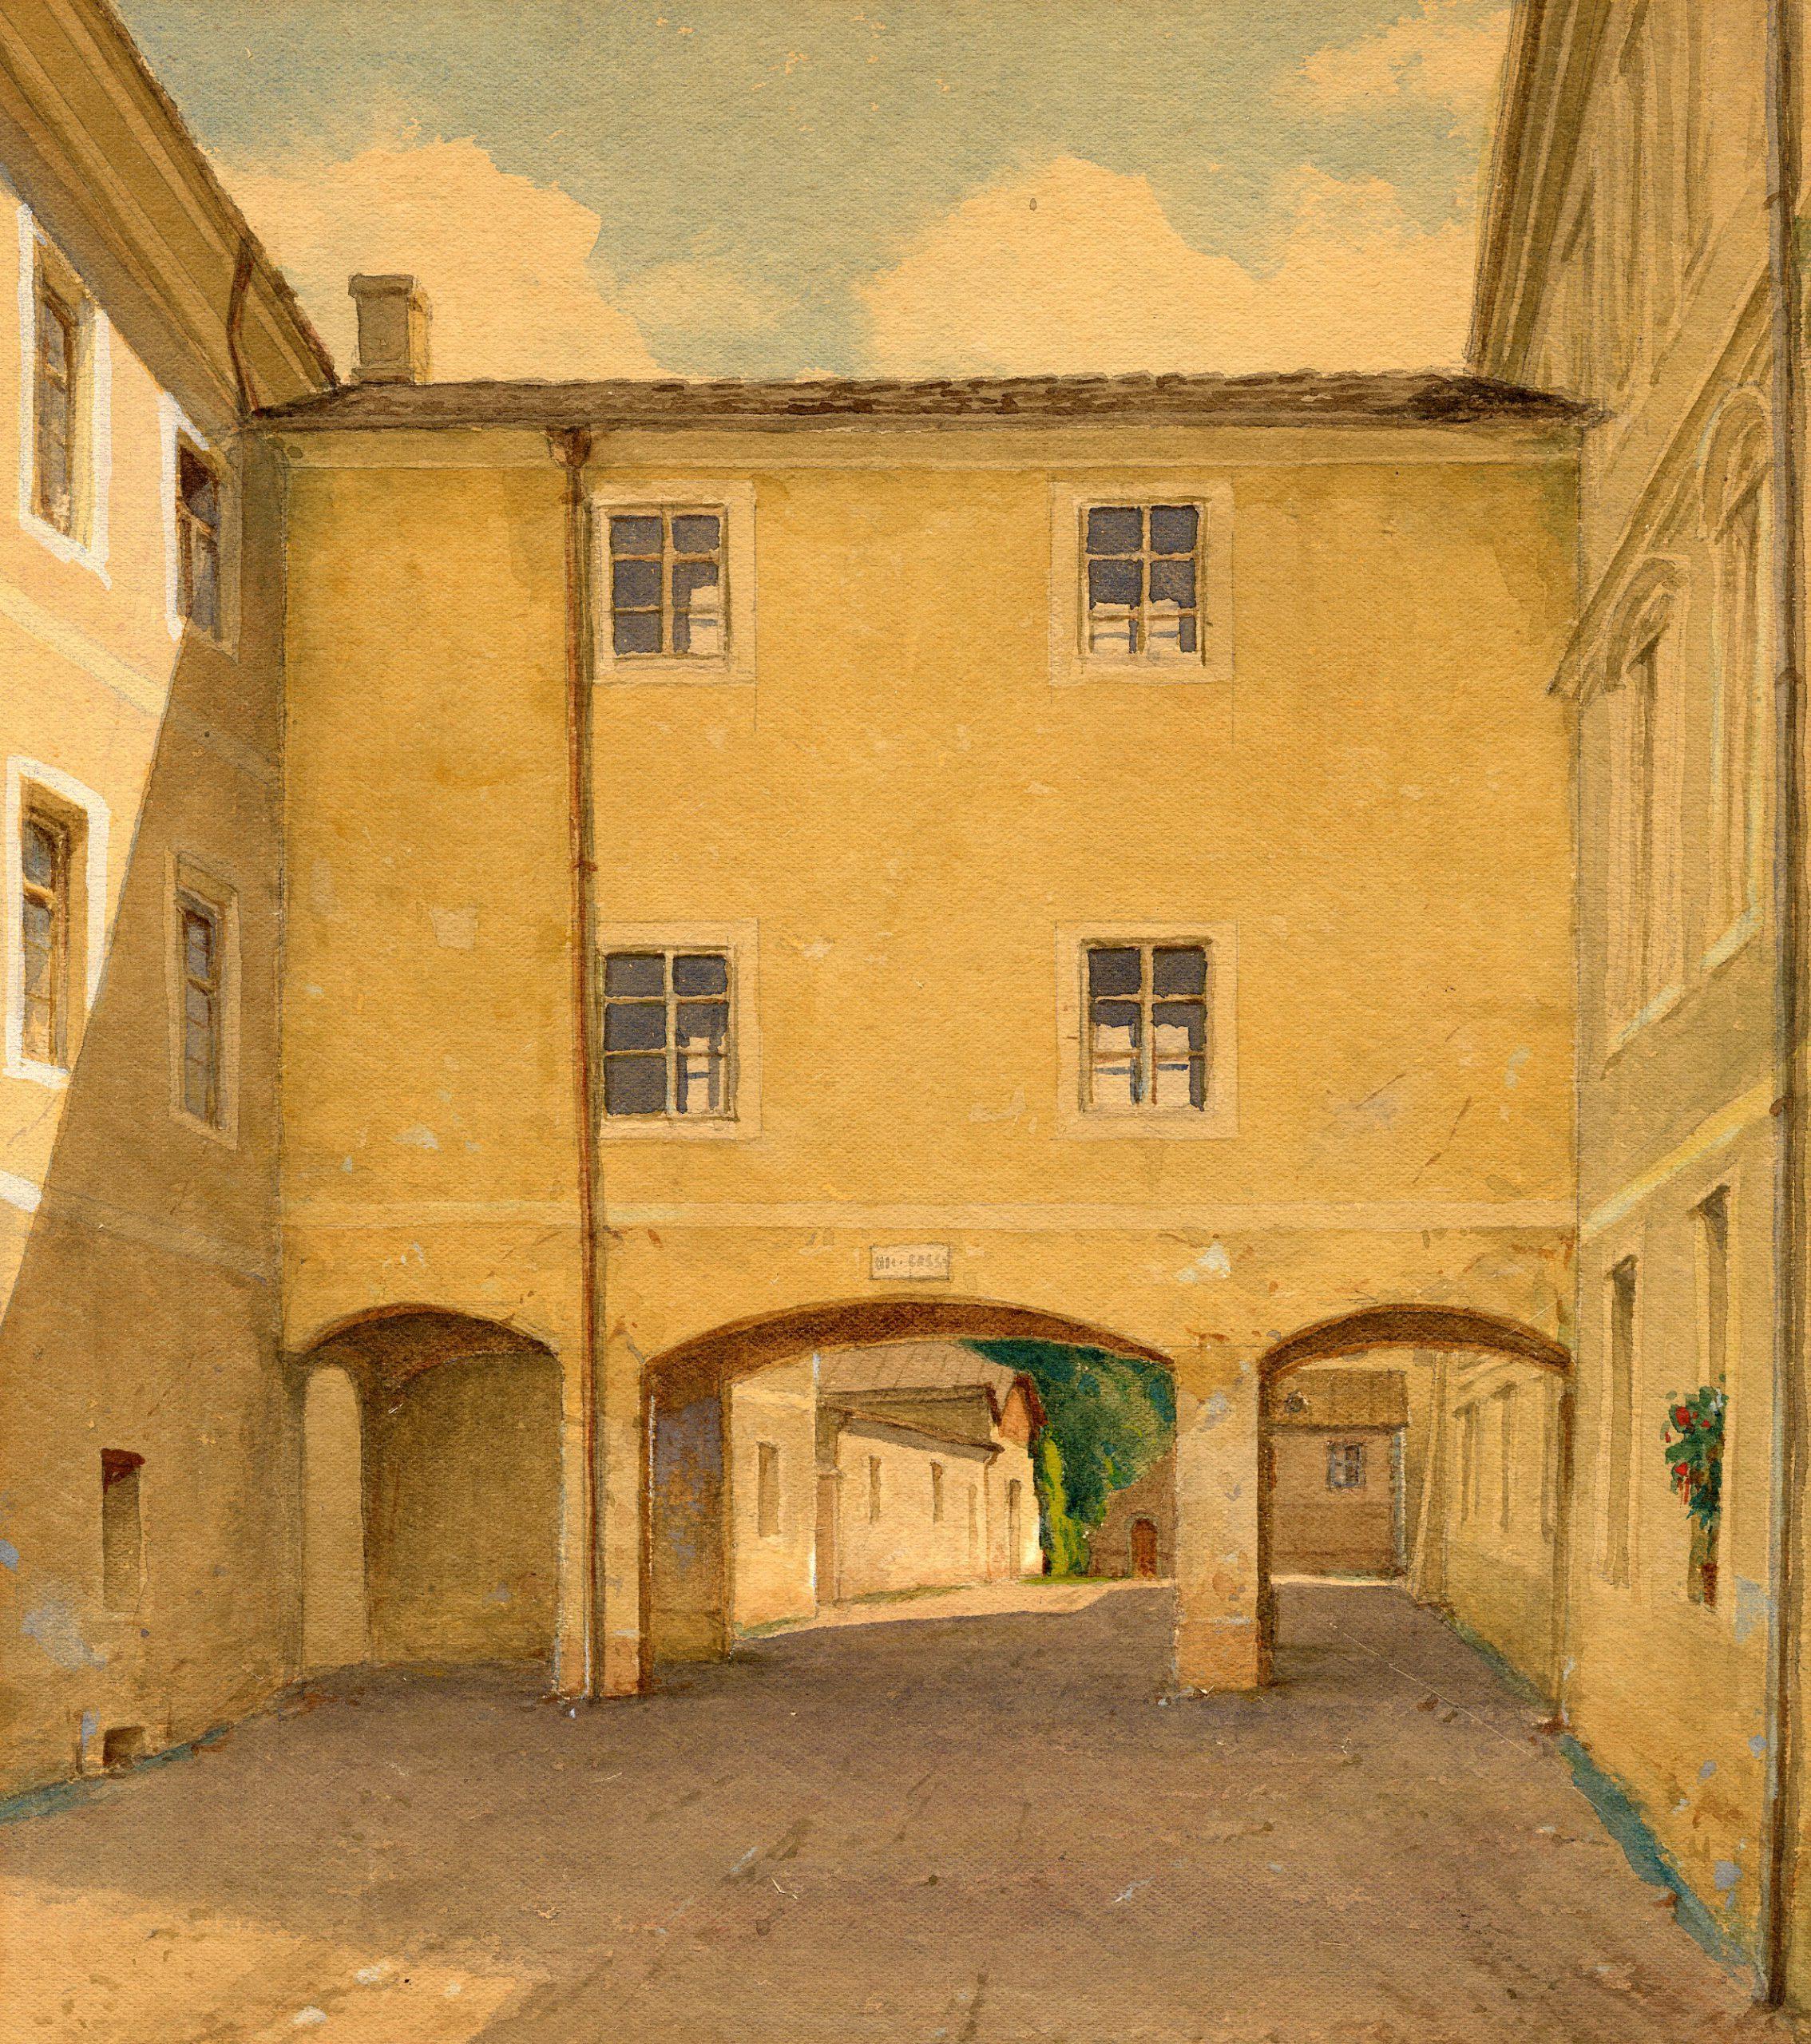 Blick Ins 19. Jahrhundert – VII